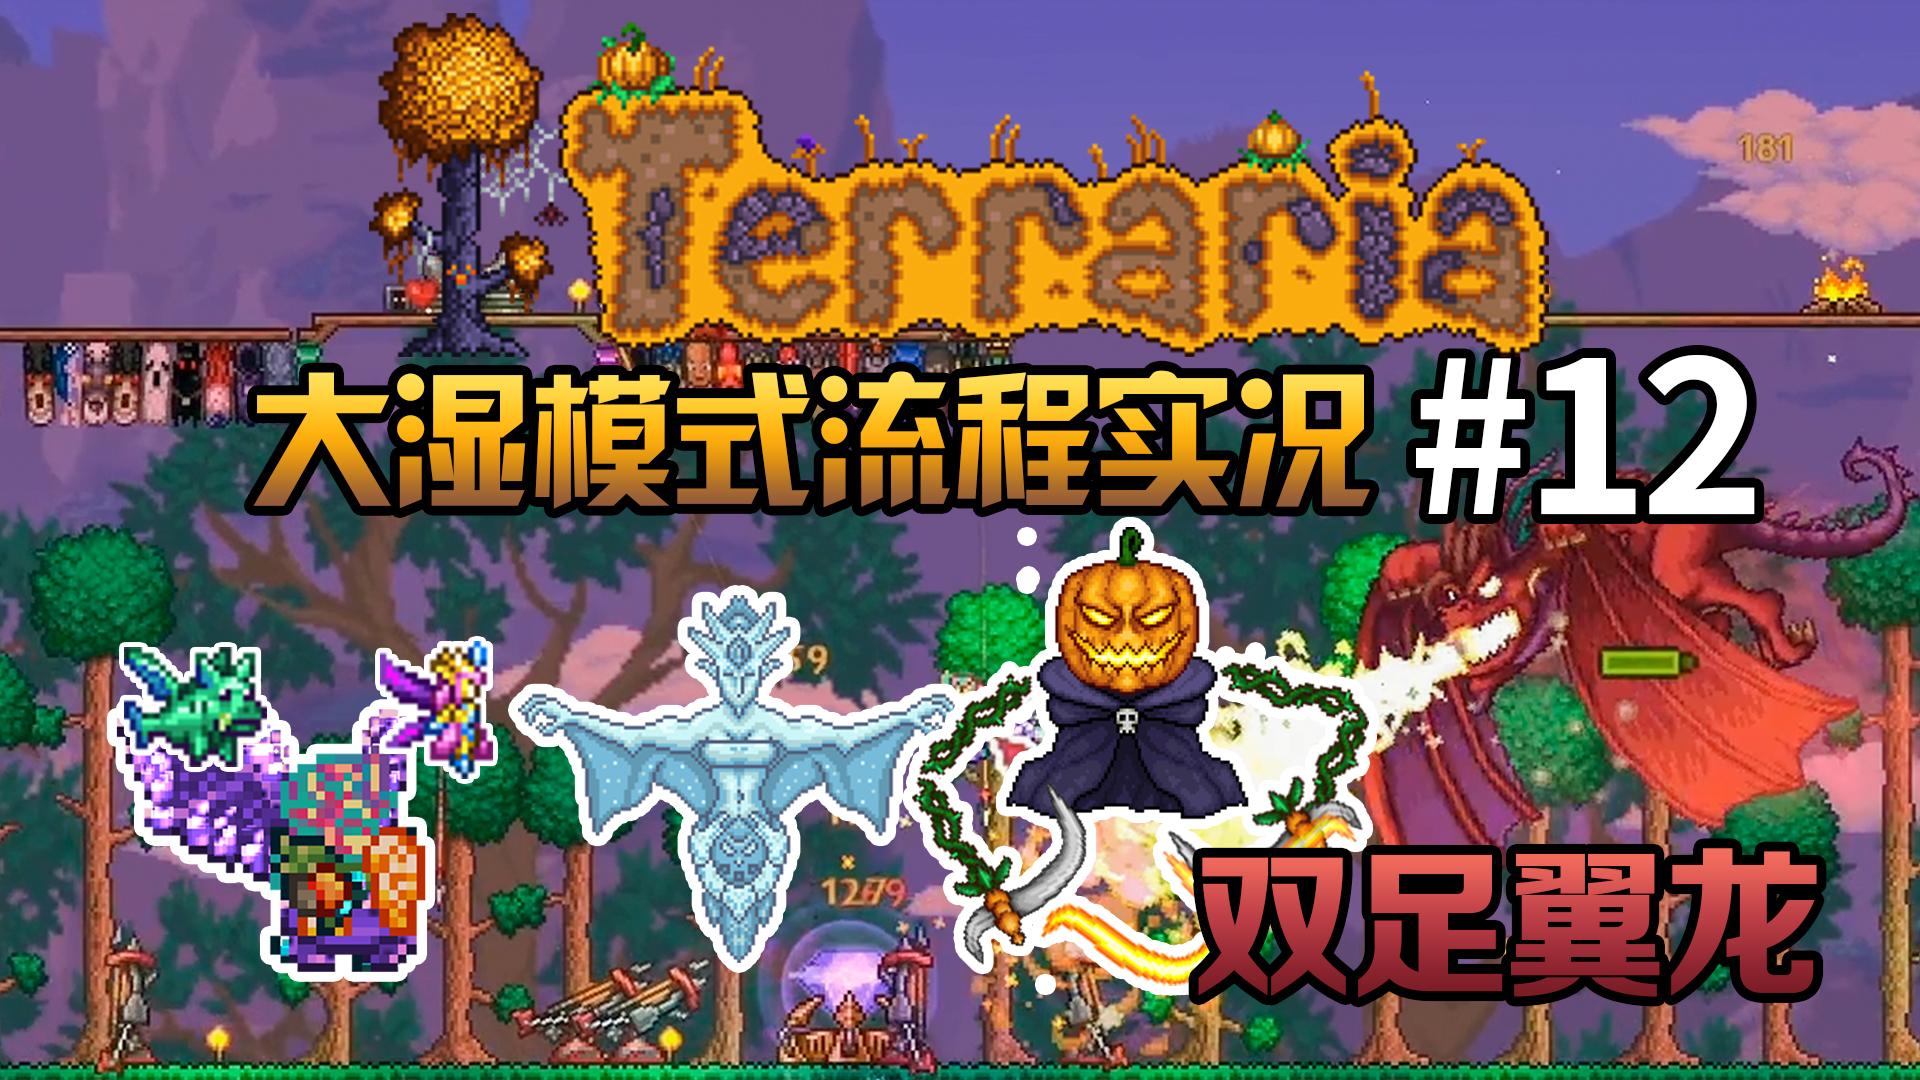 【丁菊长】旧日军团 南瓜月和霜月【泰拉瑞亚 terraria】1.4大师模式流程实况解说第12期